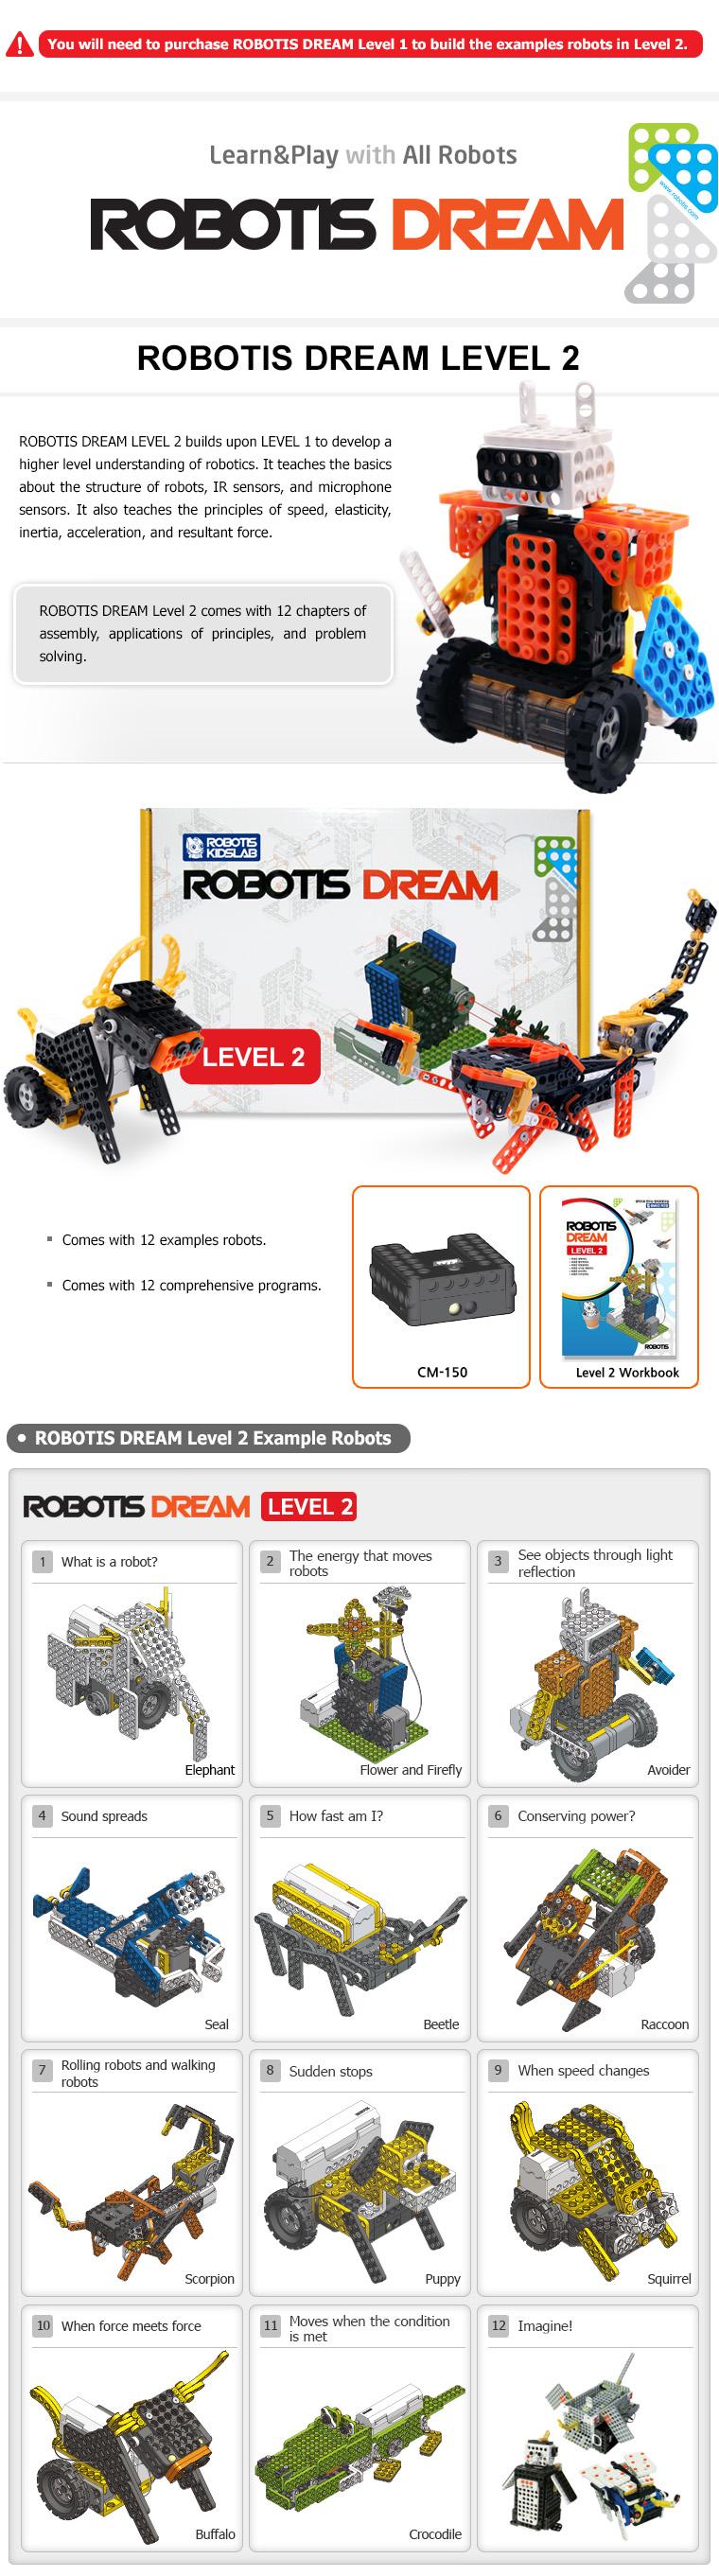 robotis dream 2